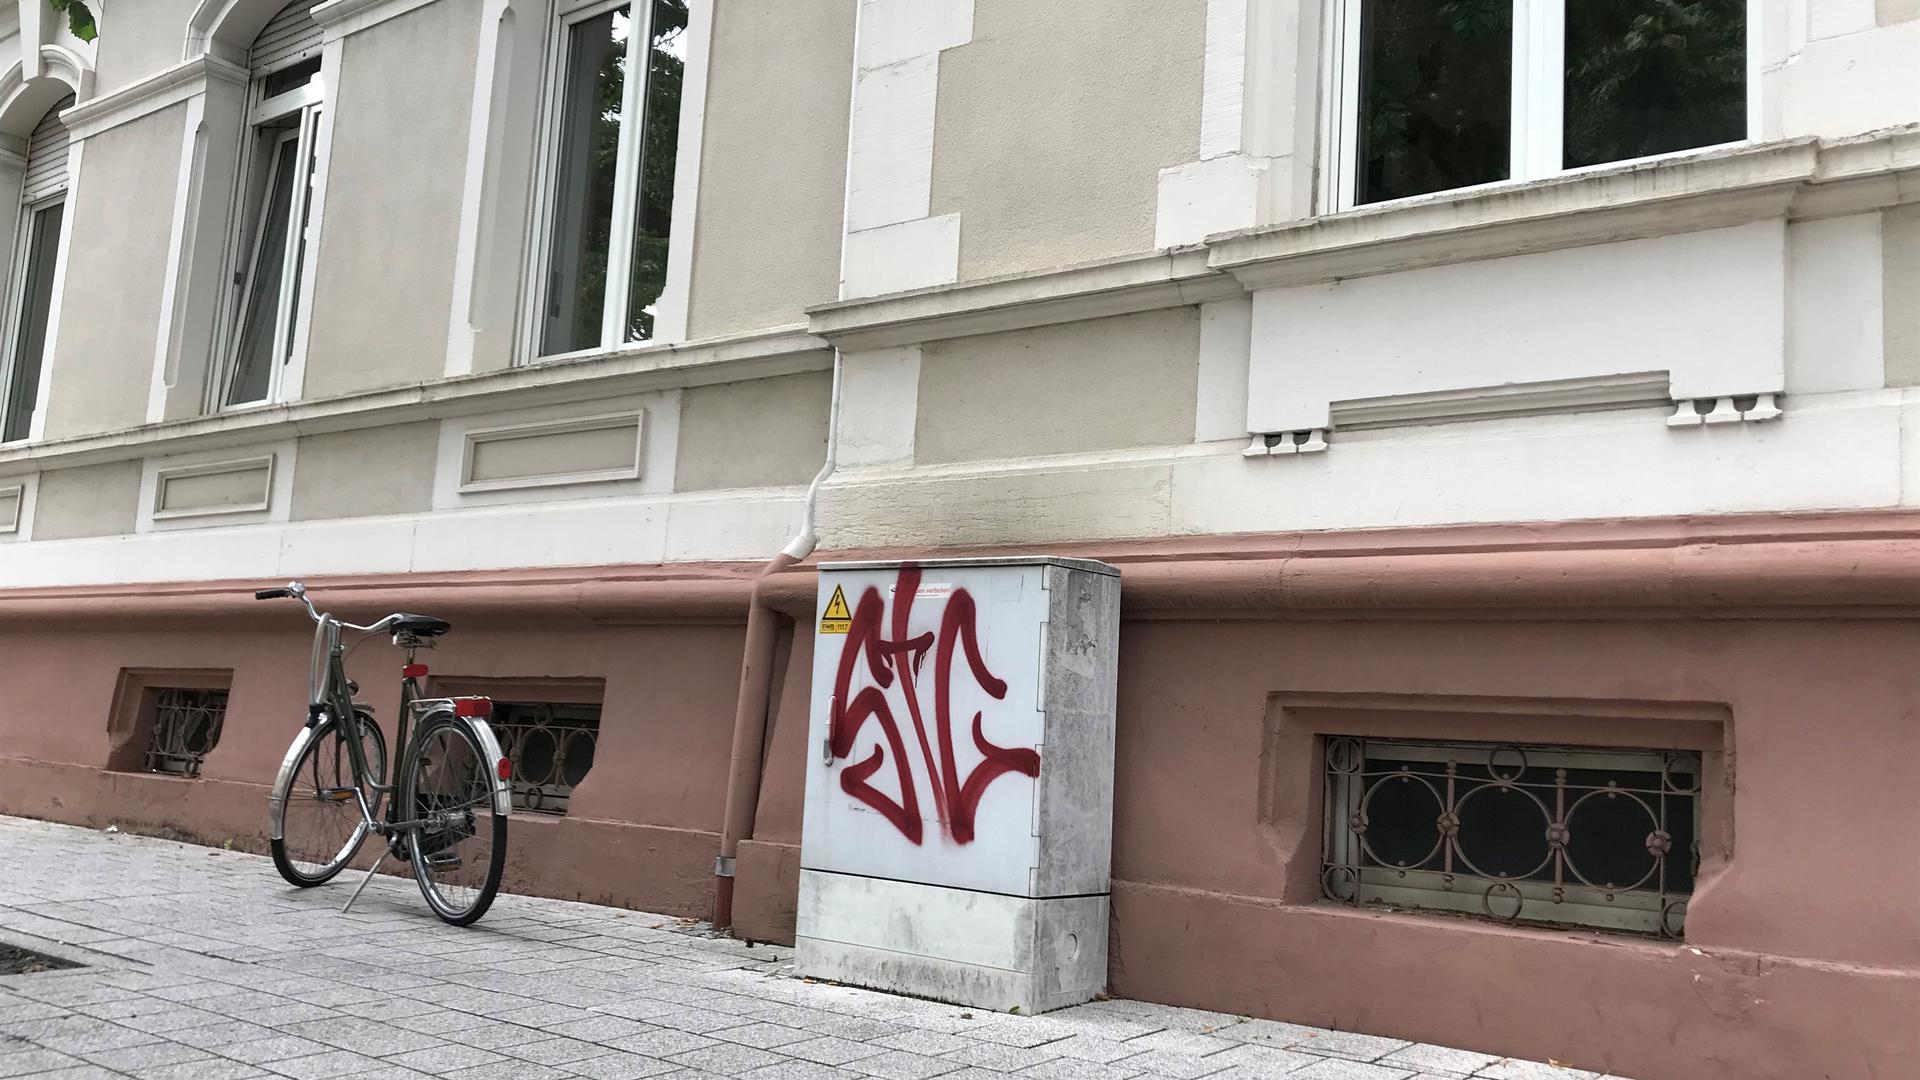 Graffiti in Bruchsal